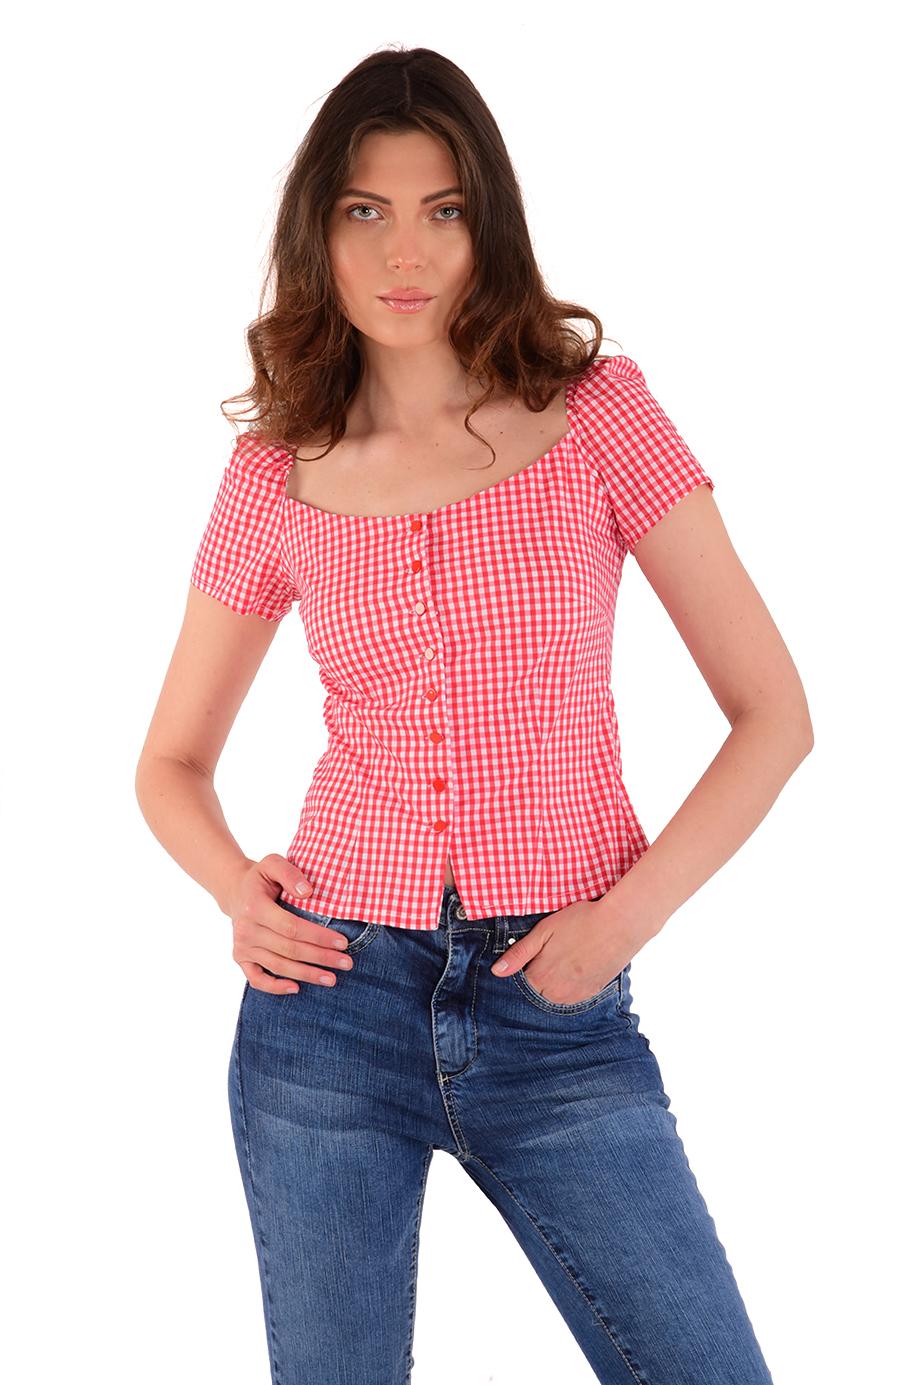 חולצה ניקי משבצות אדום ולבן